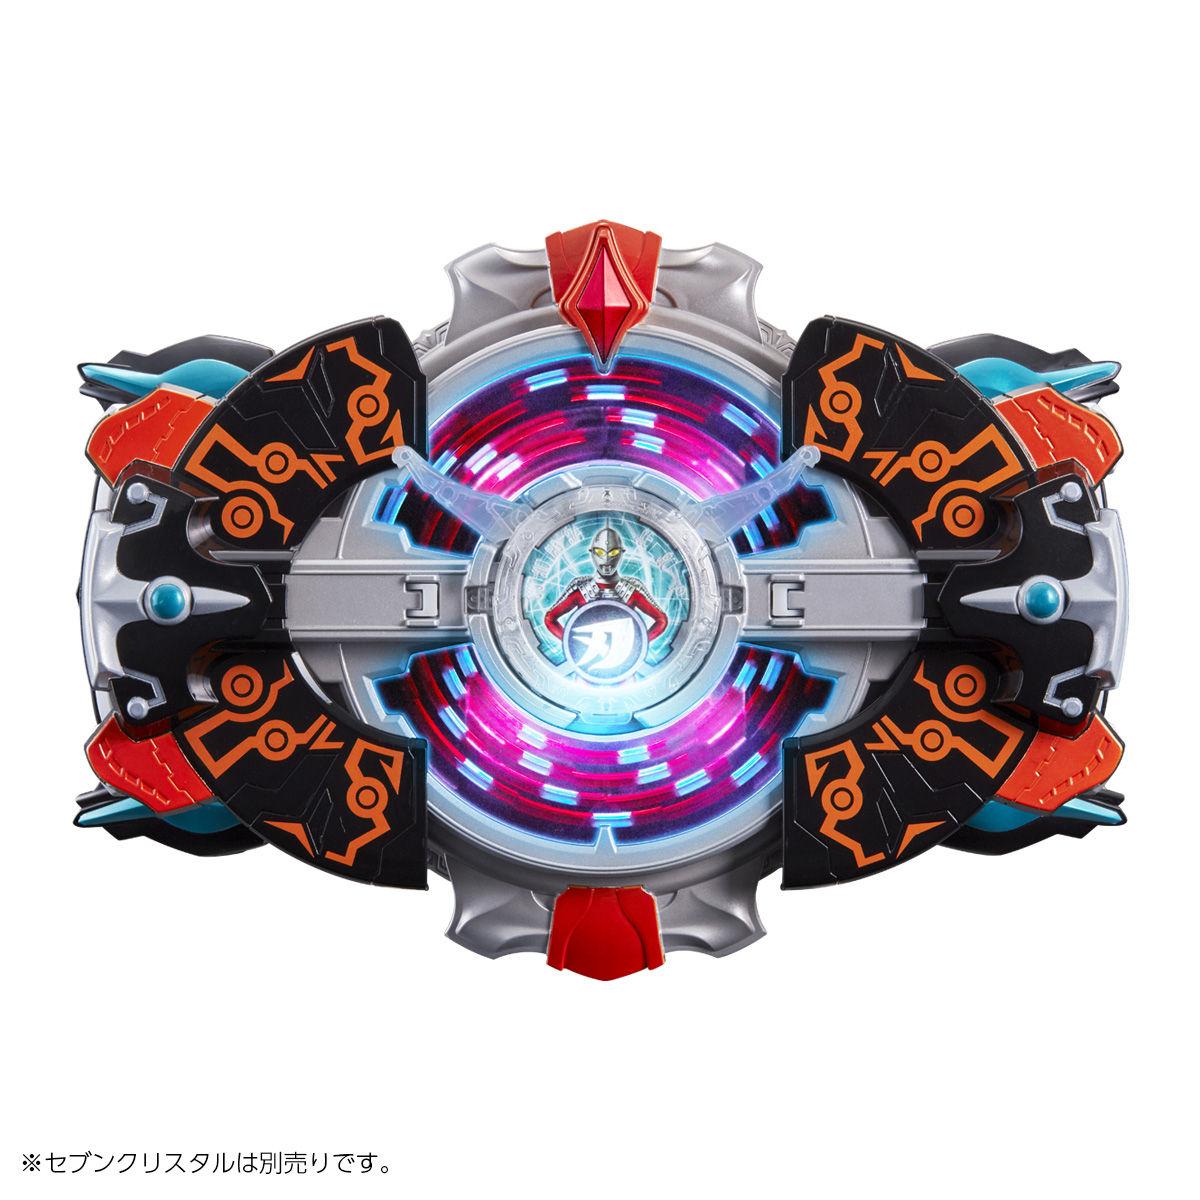 ウルトラマンR/B『DXルーブジャイロ ―美剣サキ仕様―』変身なりきり-009